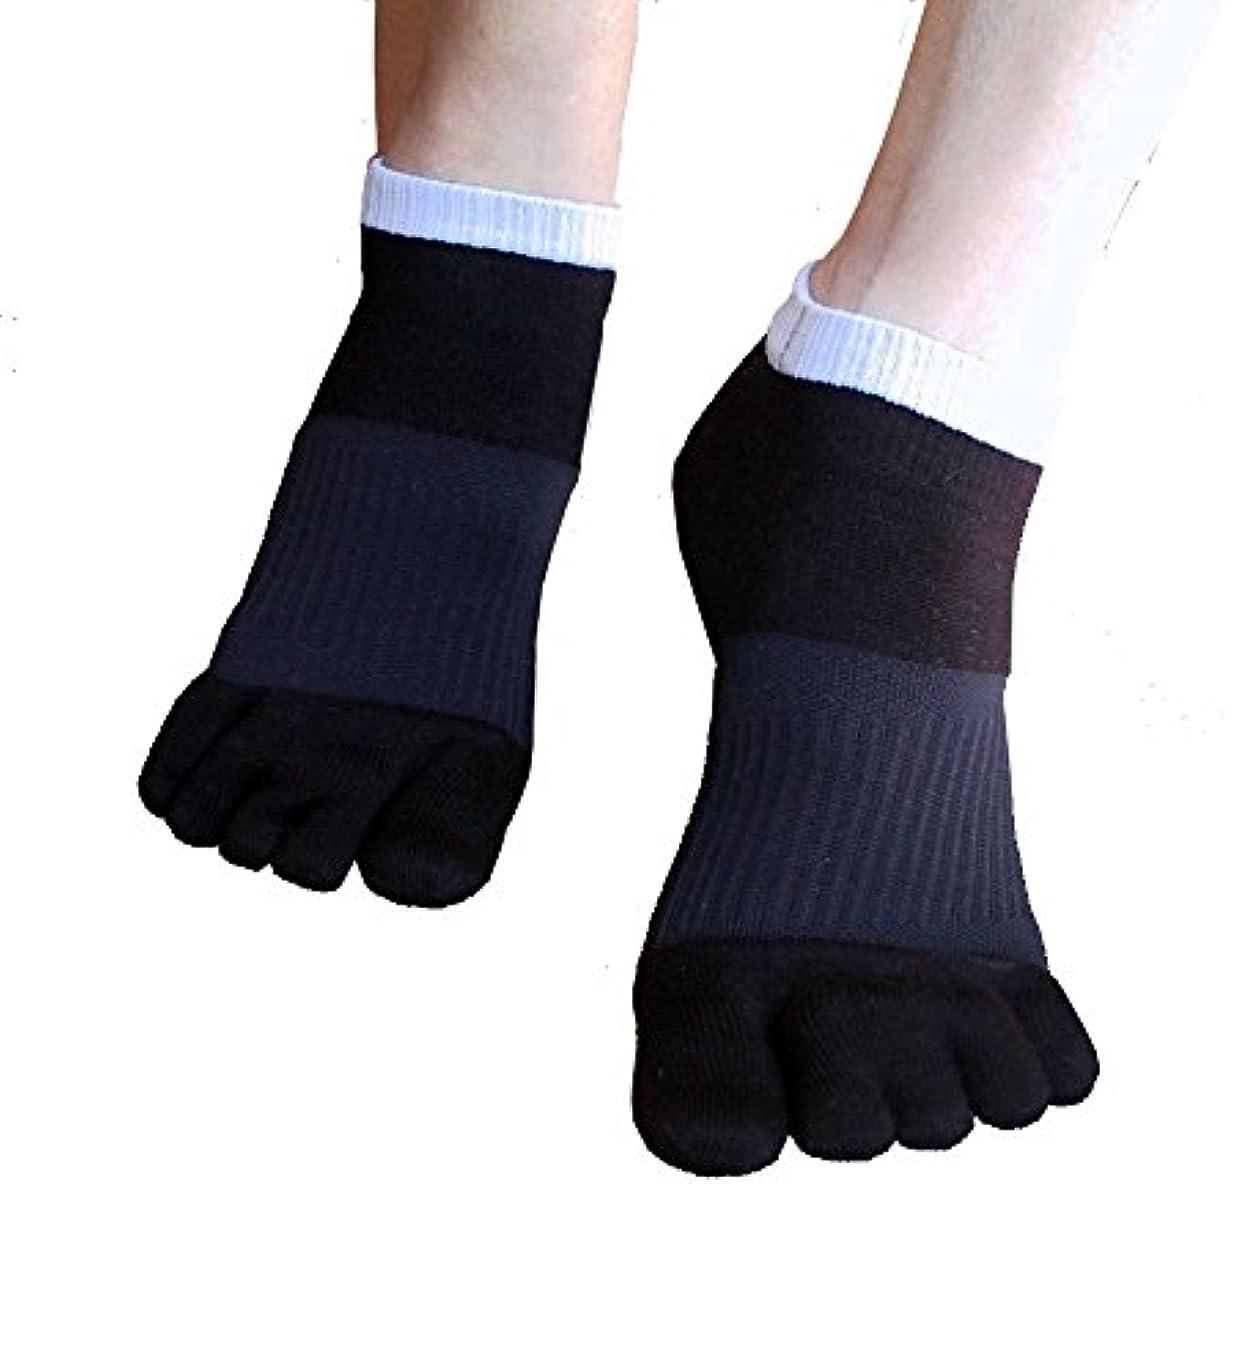 拾う道徳教育火曜日外反母趾対策 ふしぎな5本指テーピング靴下 スニーカータイプ 22-24cm?ブラック(色は2色、サイズは3サイズ)